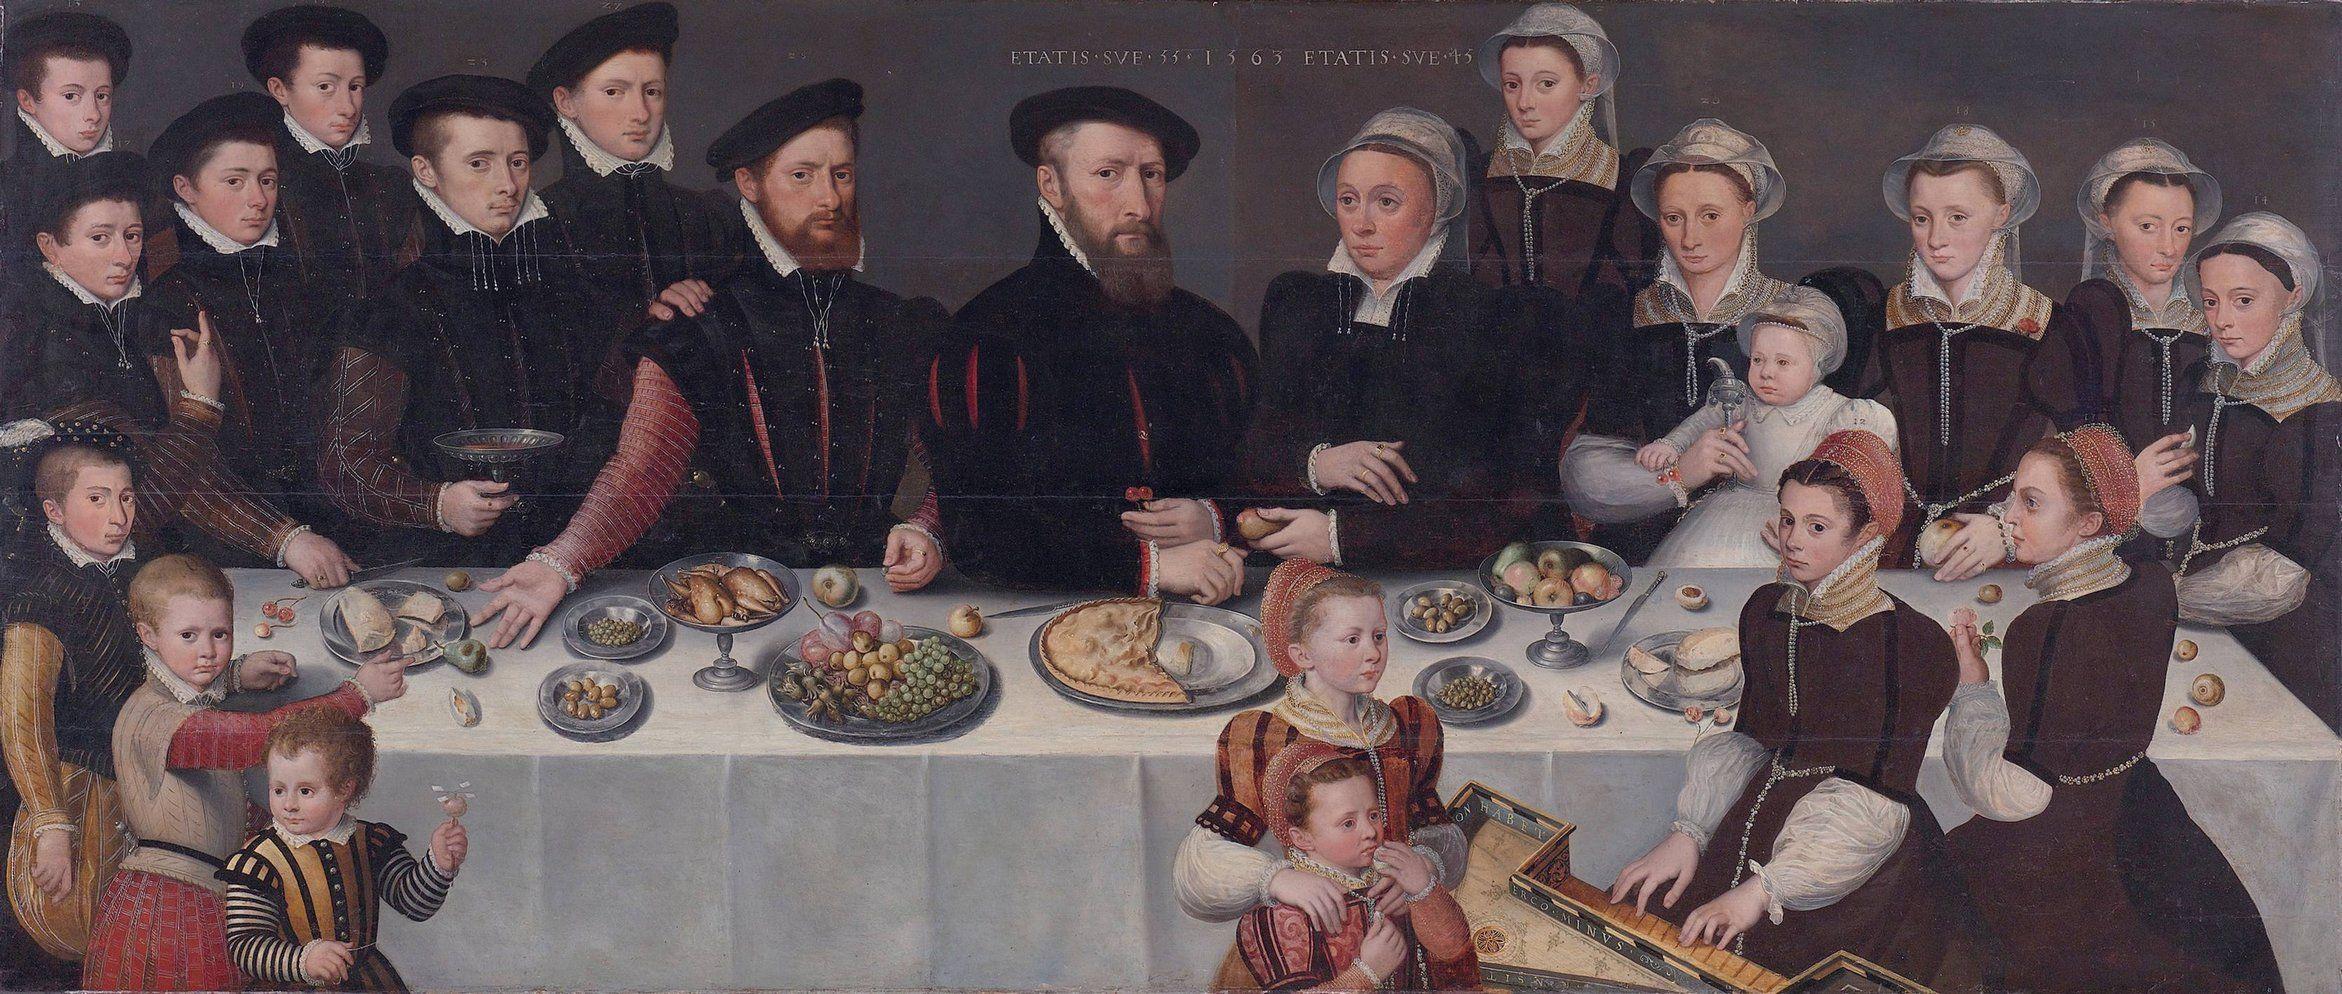 Familieportret (1563) van de familie De Moucheron. Zoon Balthasar, is waarschijnlijk de jongen uiterst links voren. Rijksmuseum, Amsterdam.